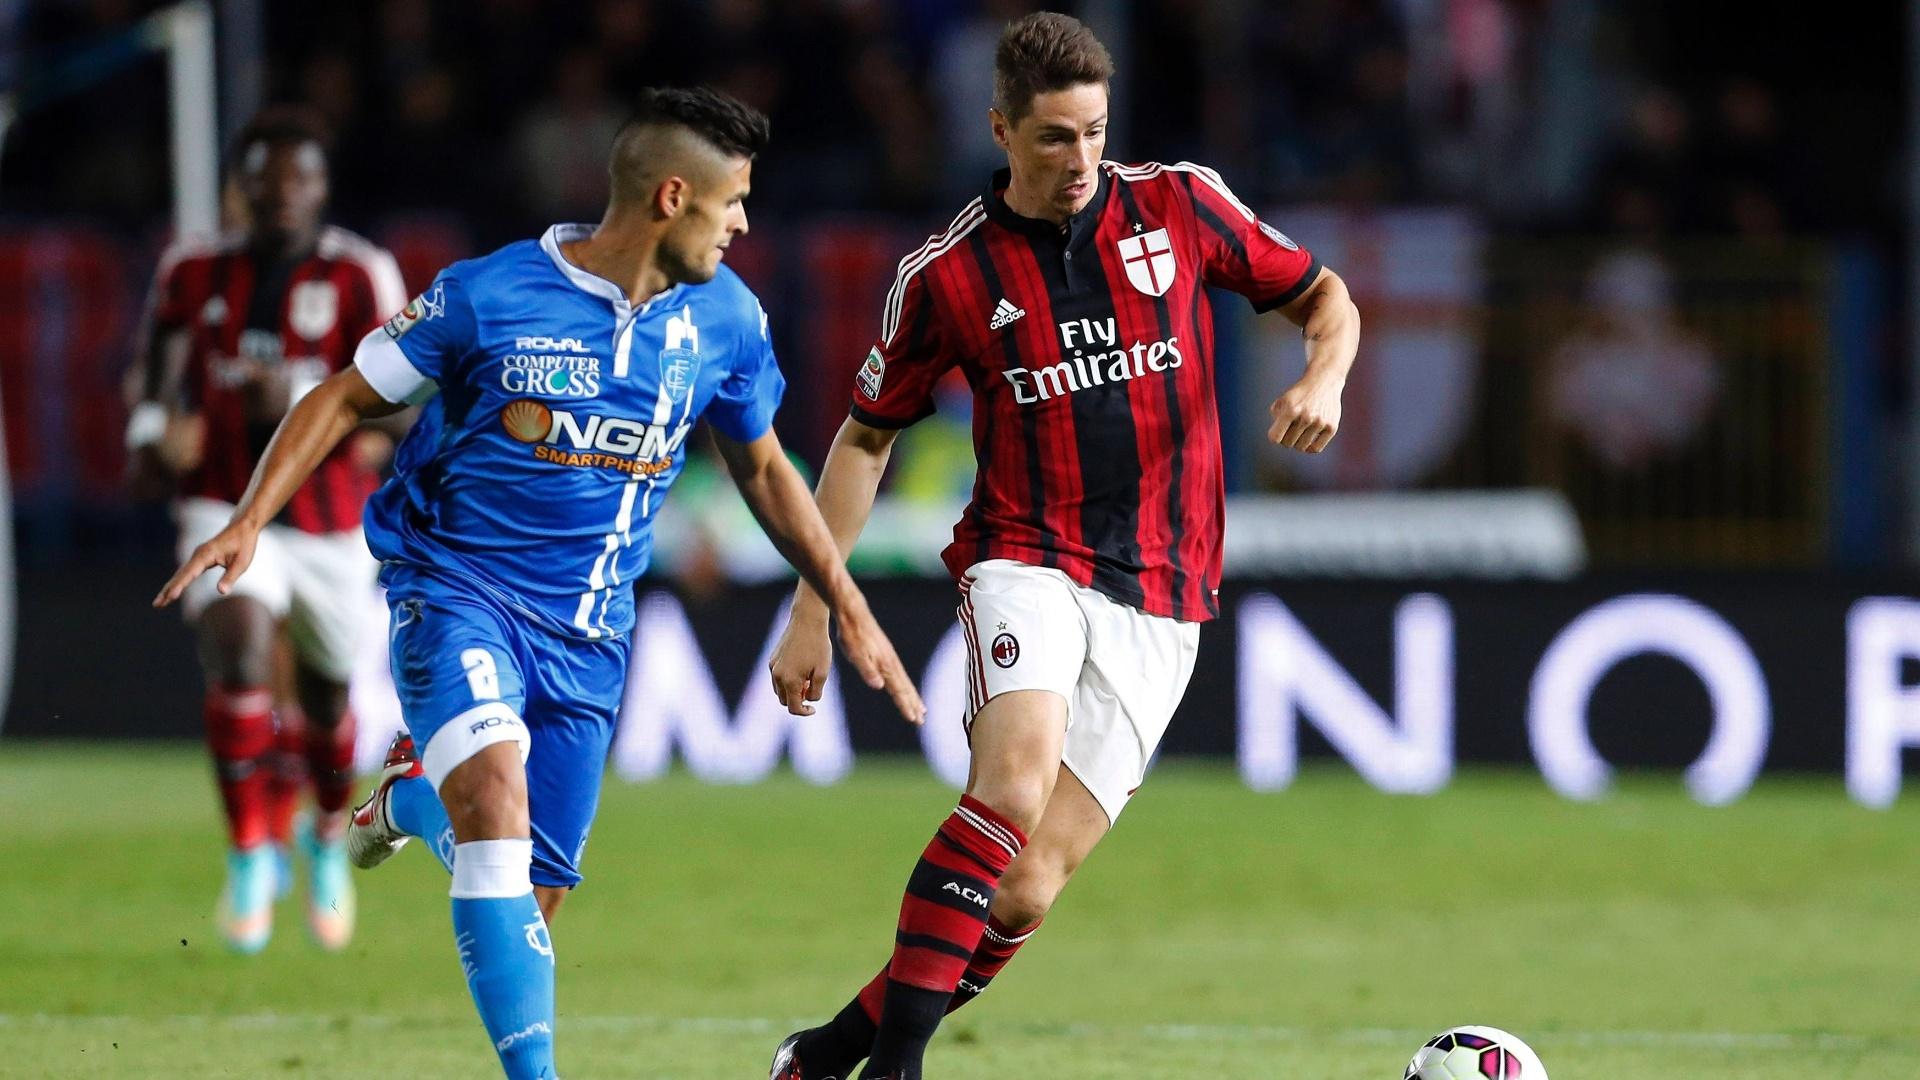 23. set. 2014 - Fernando Torres tenta ficar com a bola na partida do Milancontra o Empoli, pelo Campeonato Italiano